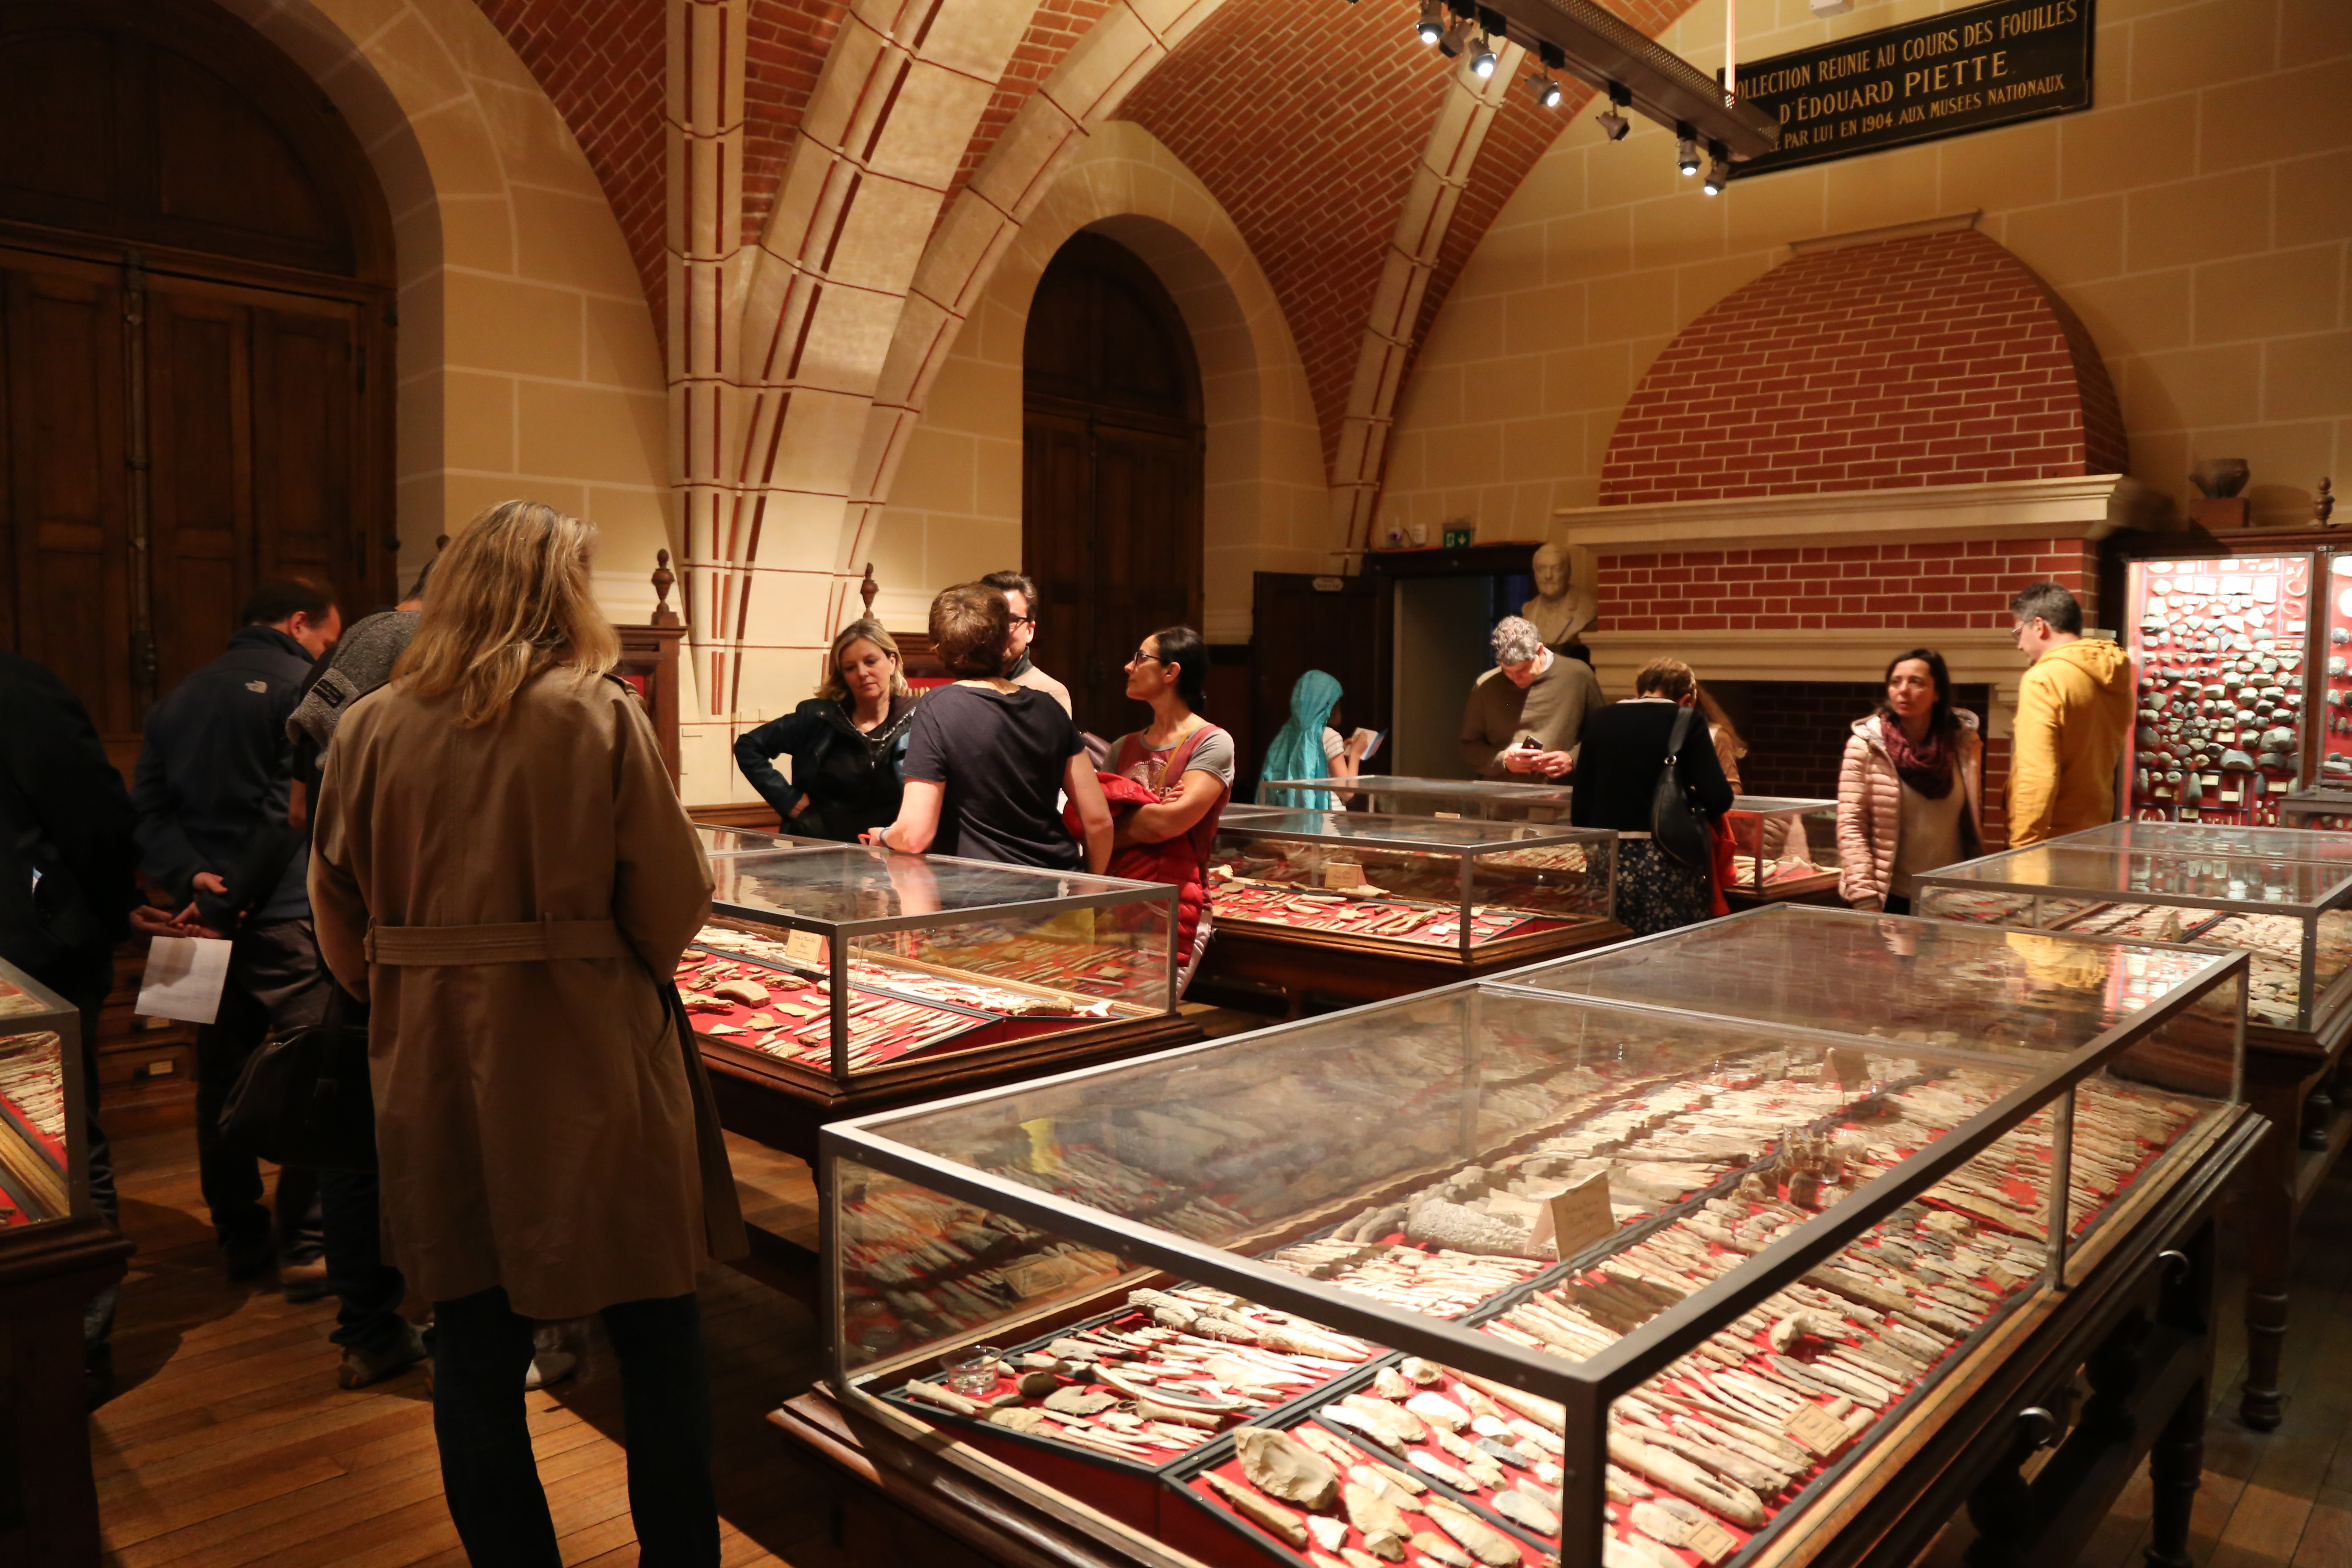 Nuit des musées 2018 - Salle Piette